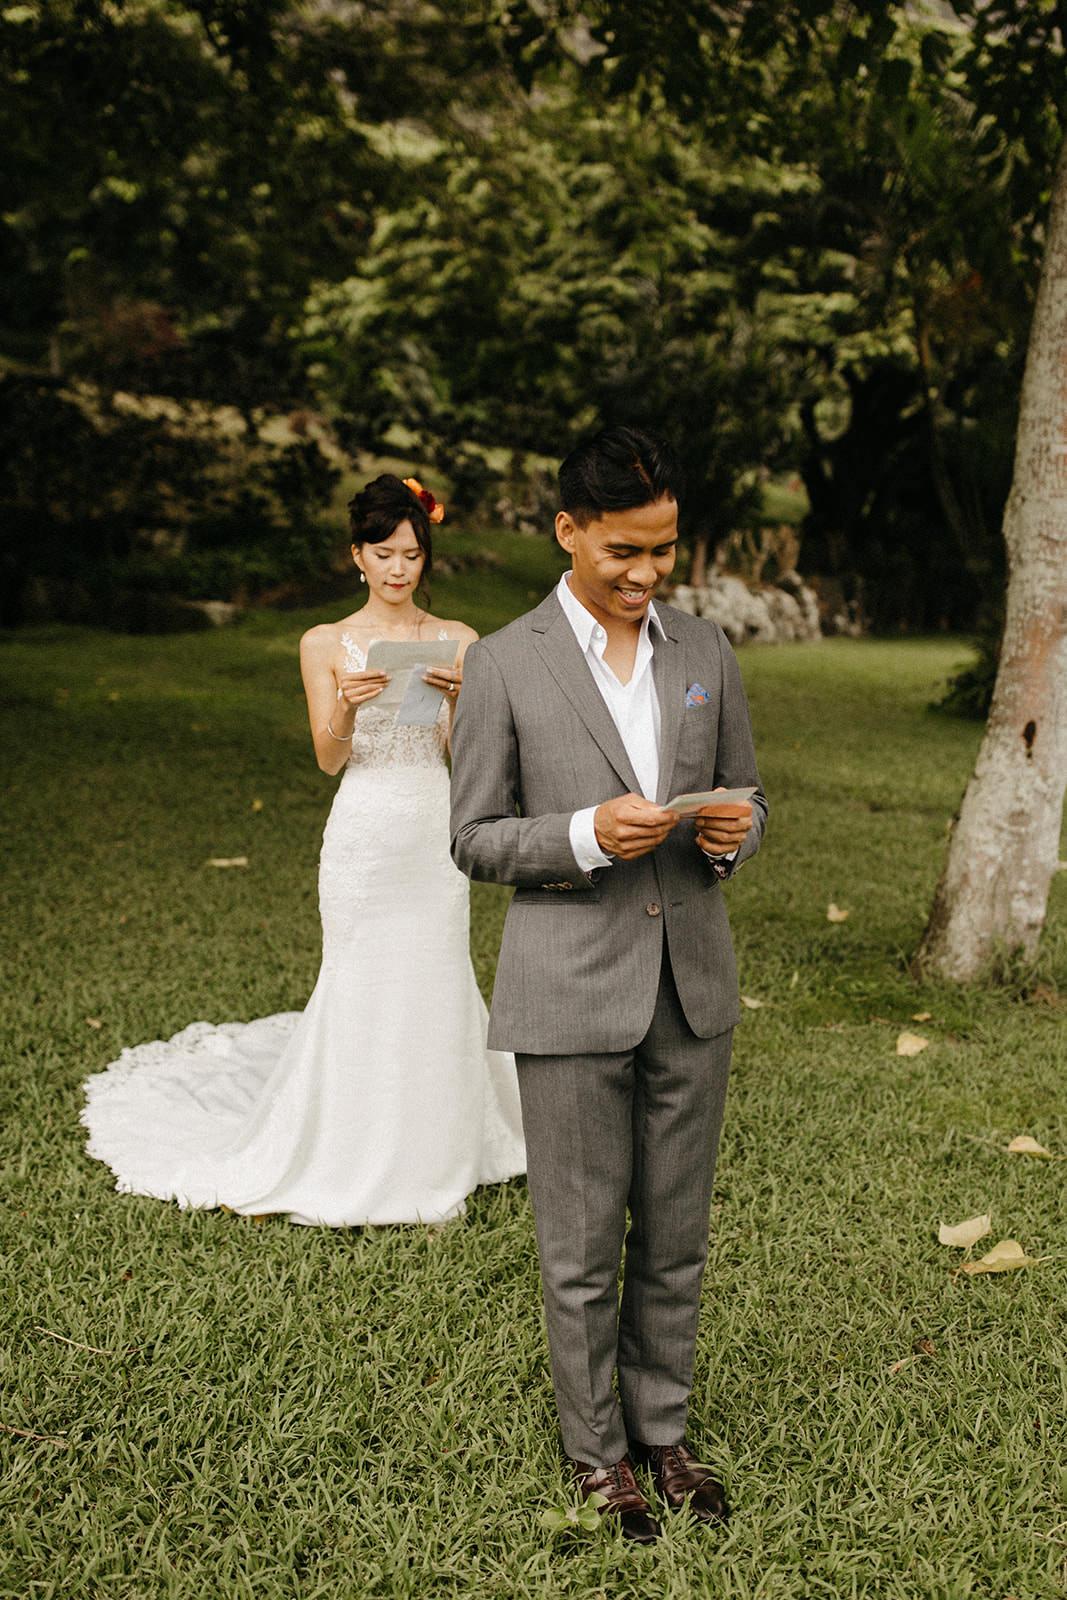 Kualoa_Hawaii_wedding_paliku33.jpg